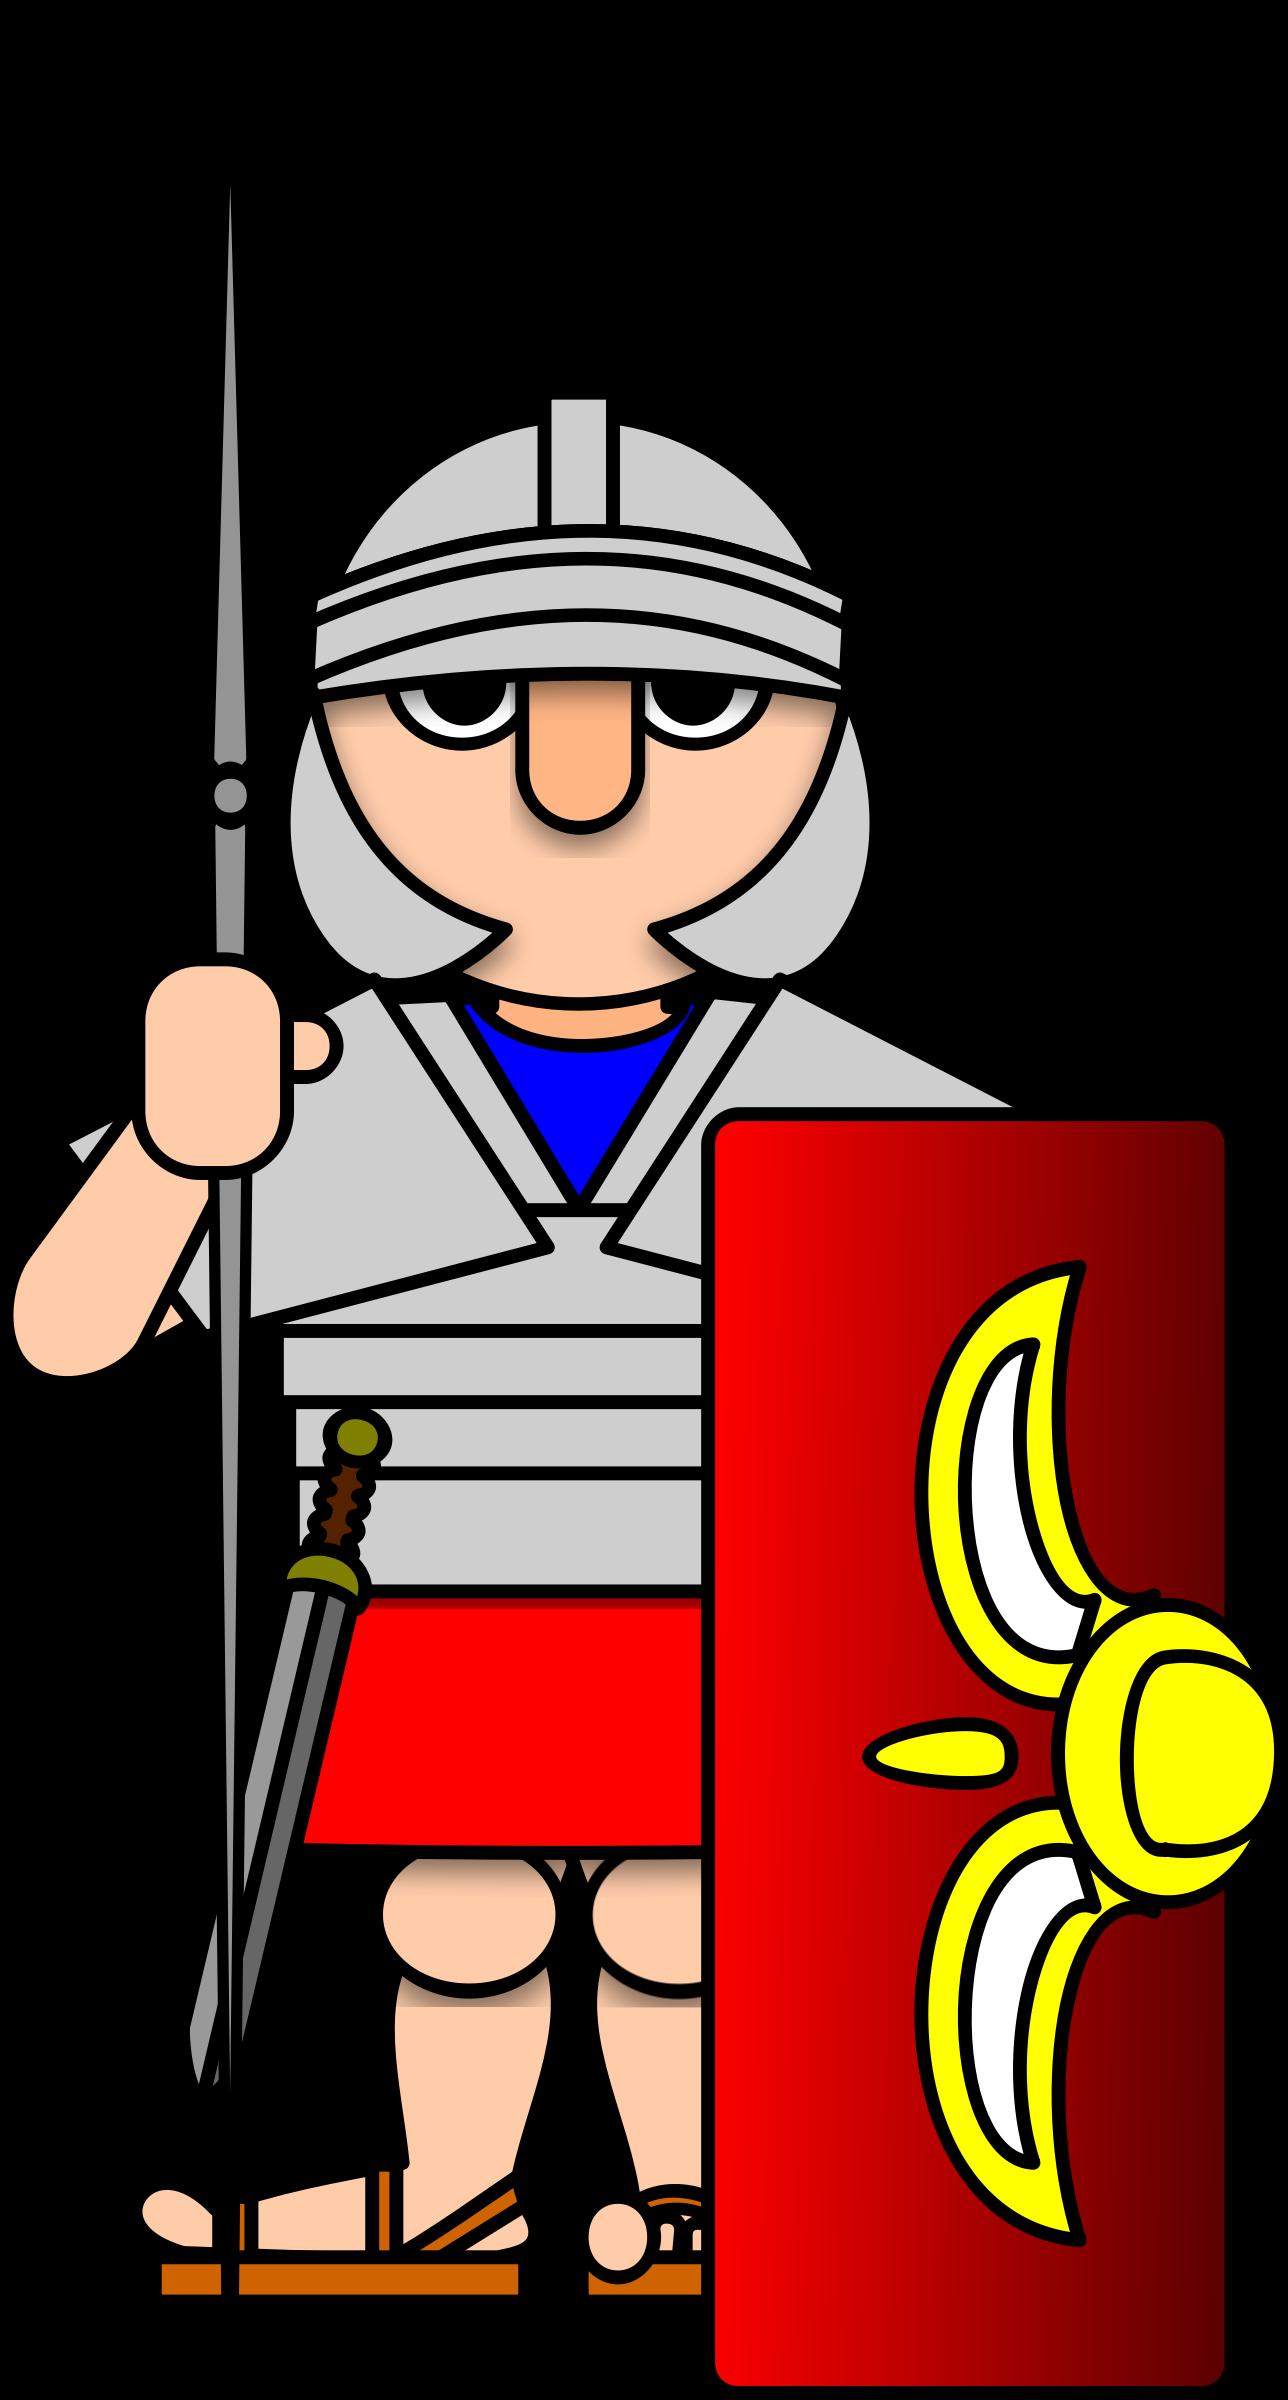 Soldier clipart roman Roman Soldier Roman Clipart Soldier